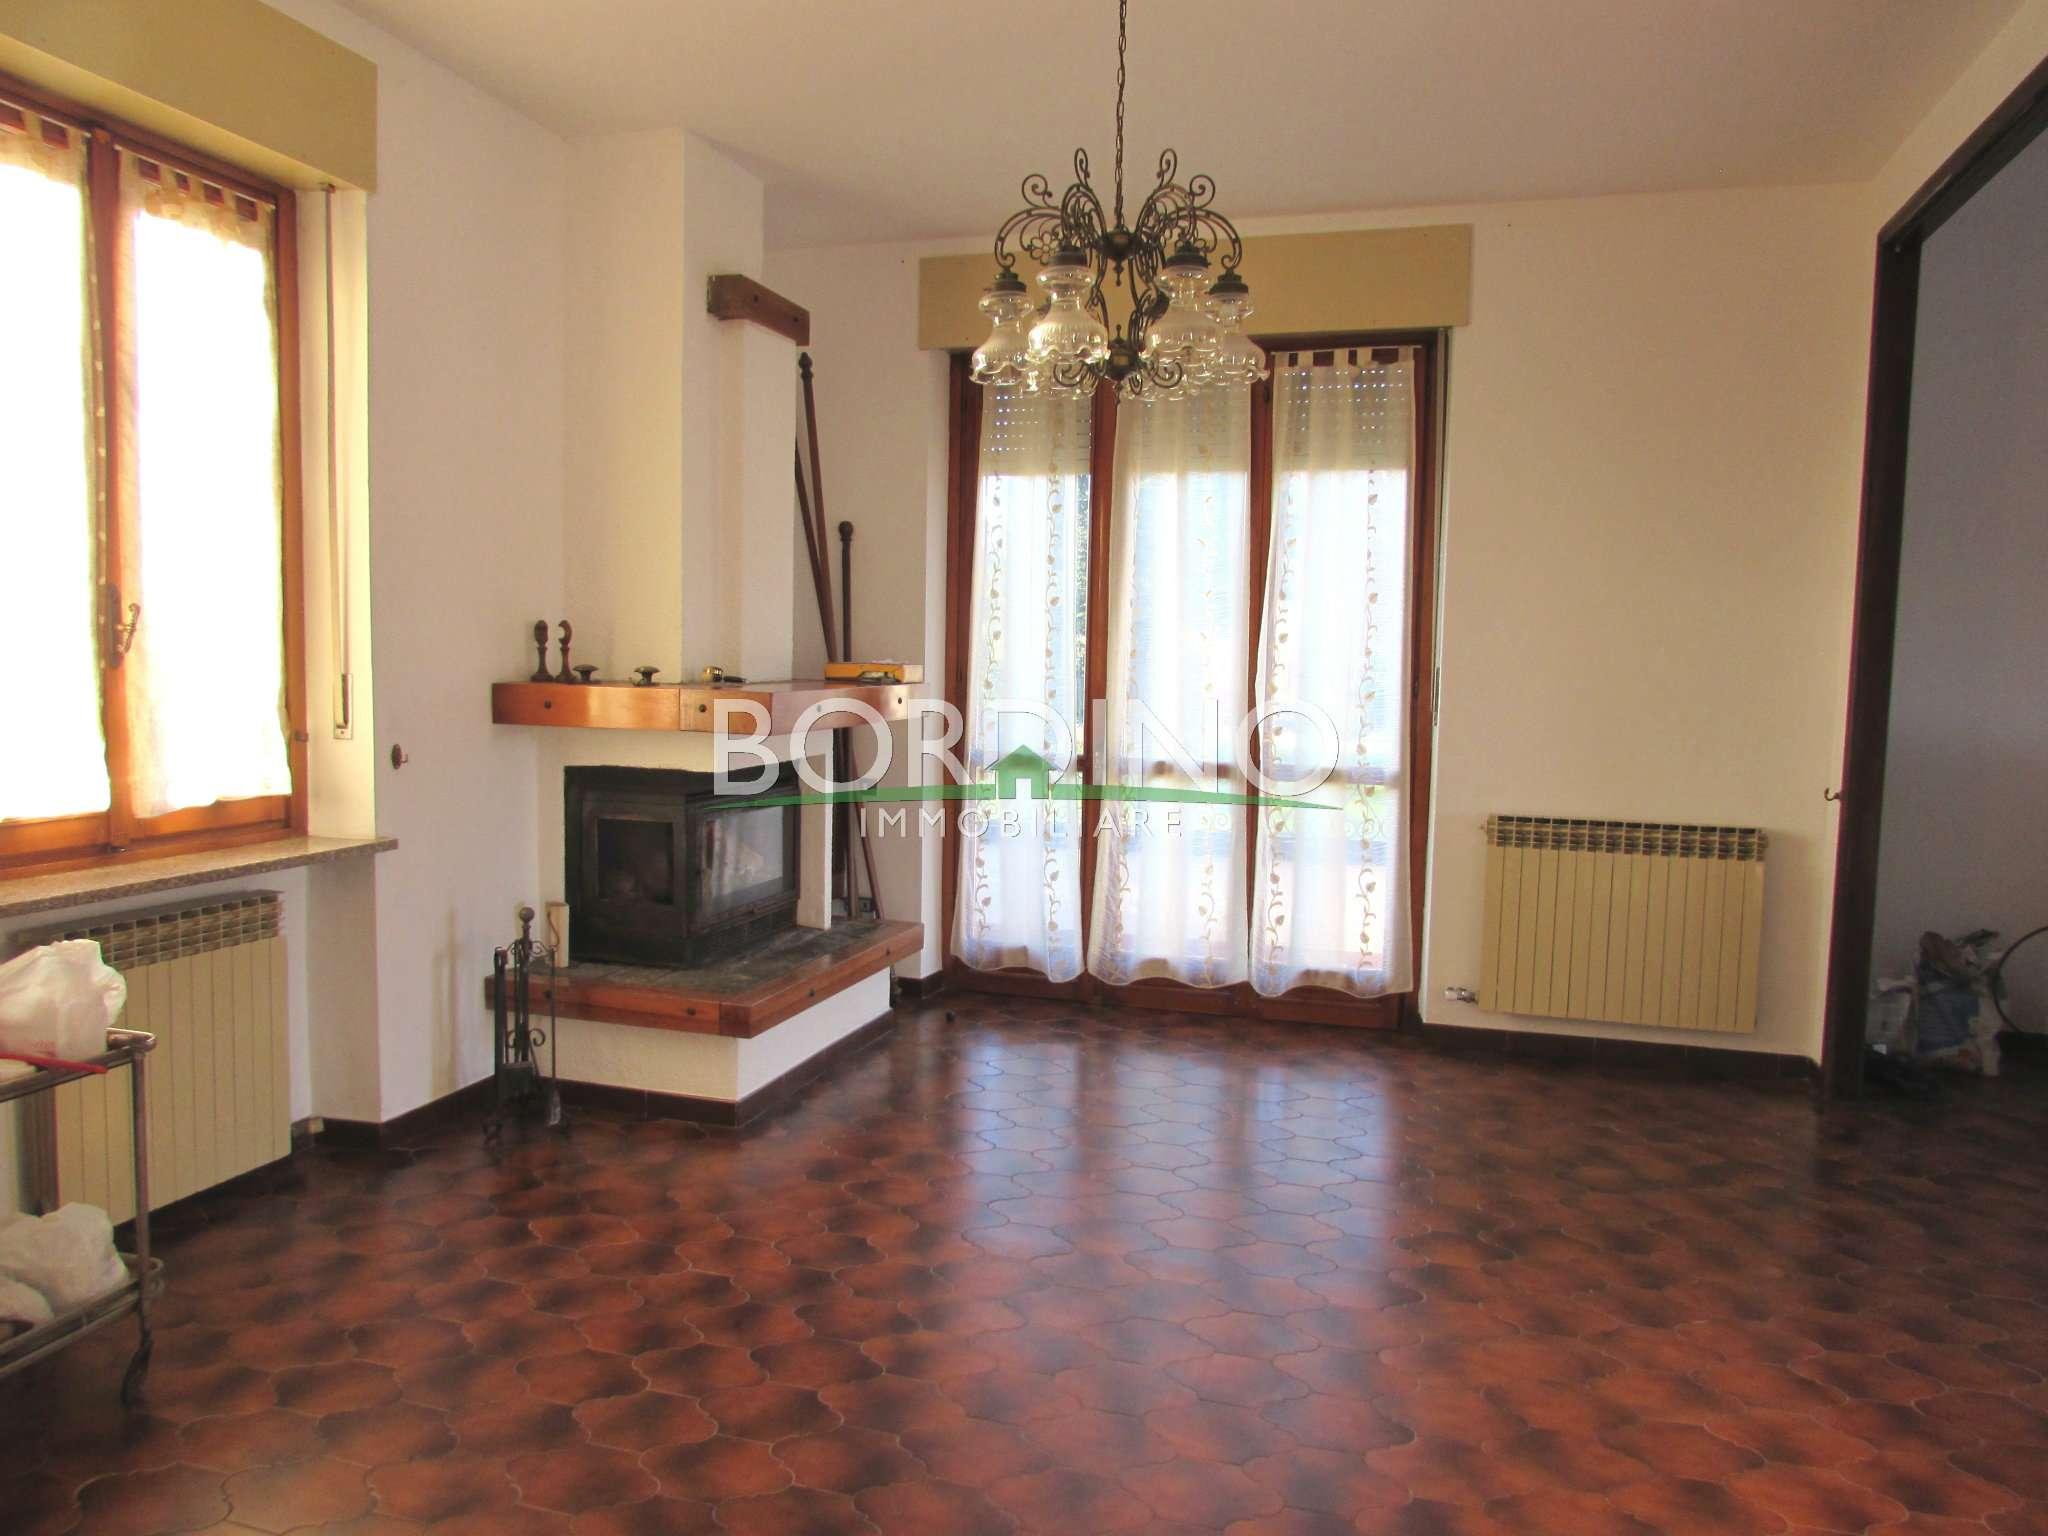 Villa in vendita a Priocca, 4 locali, prezzo € 195.000 | CambioCasa.it